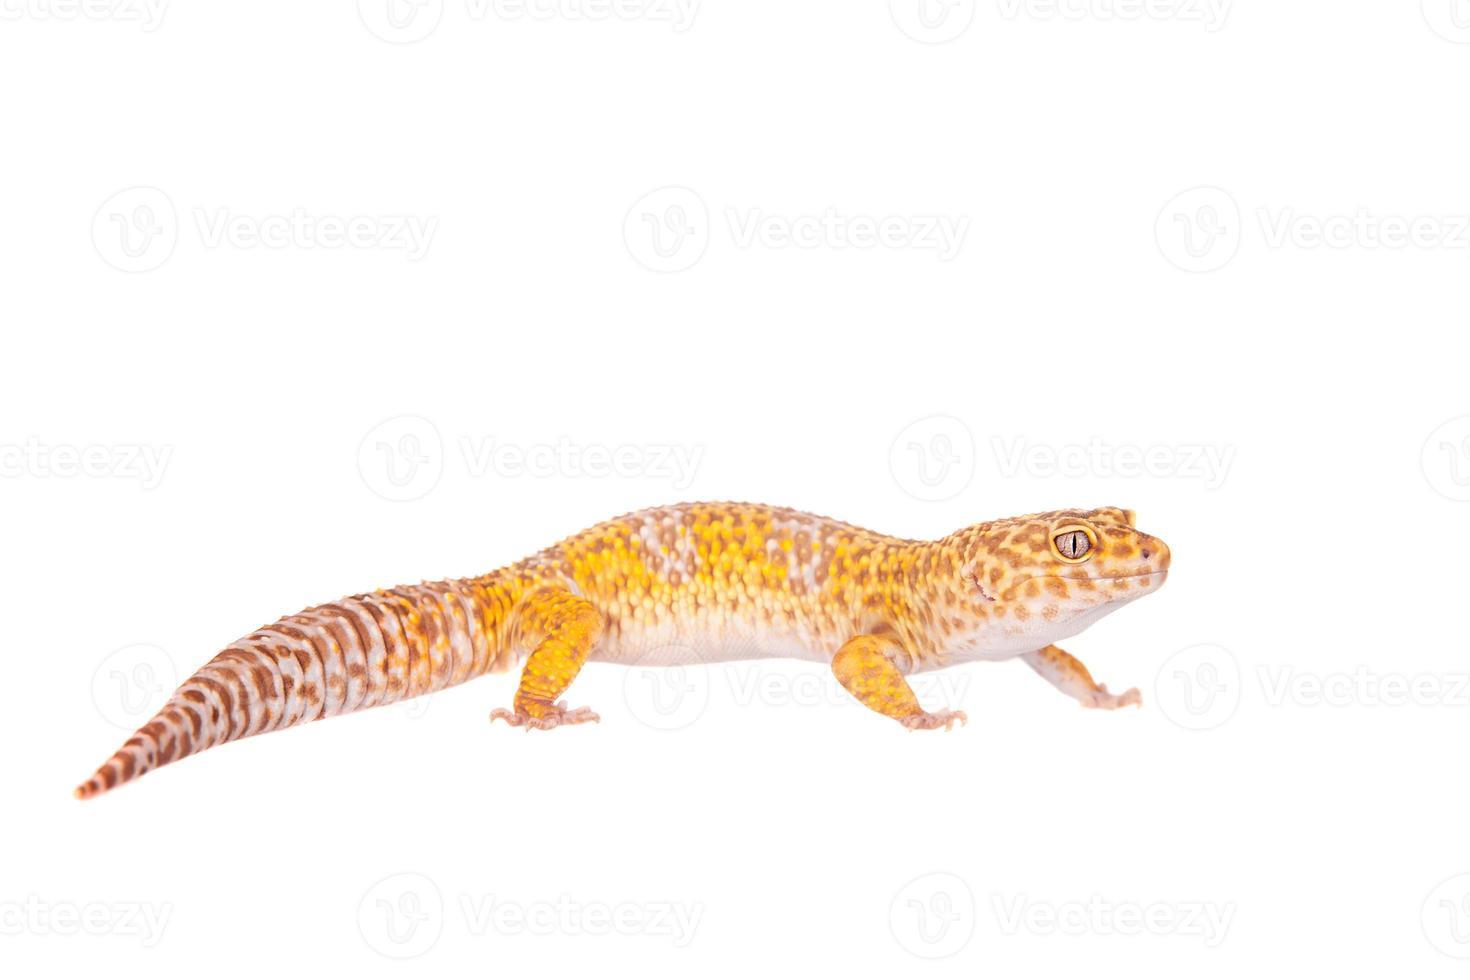 lagartixa leopardo em um fundo branco foto